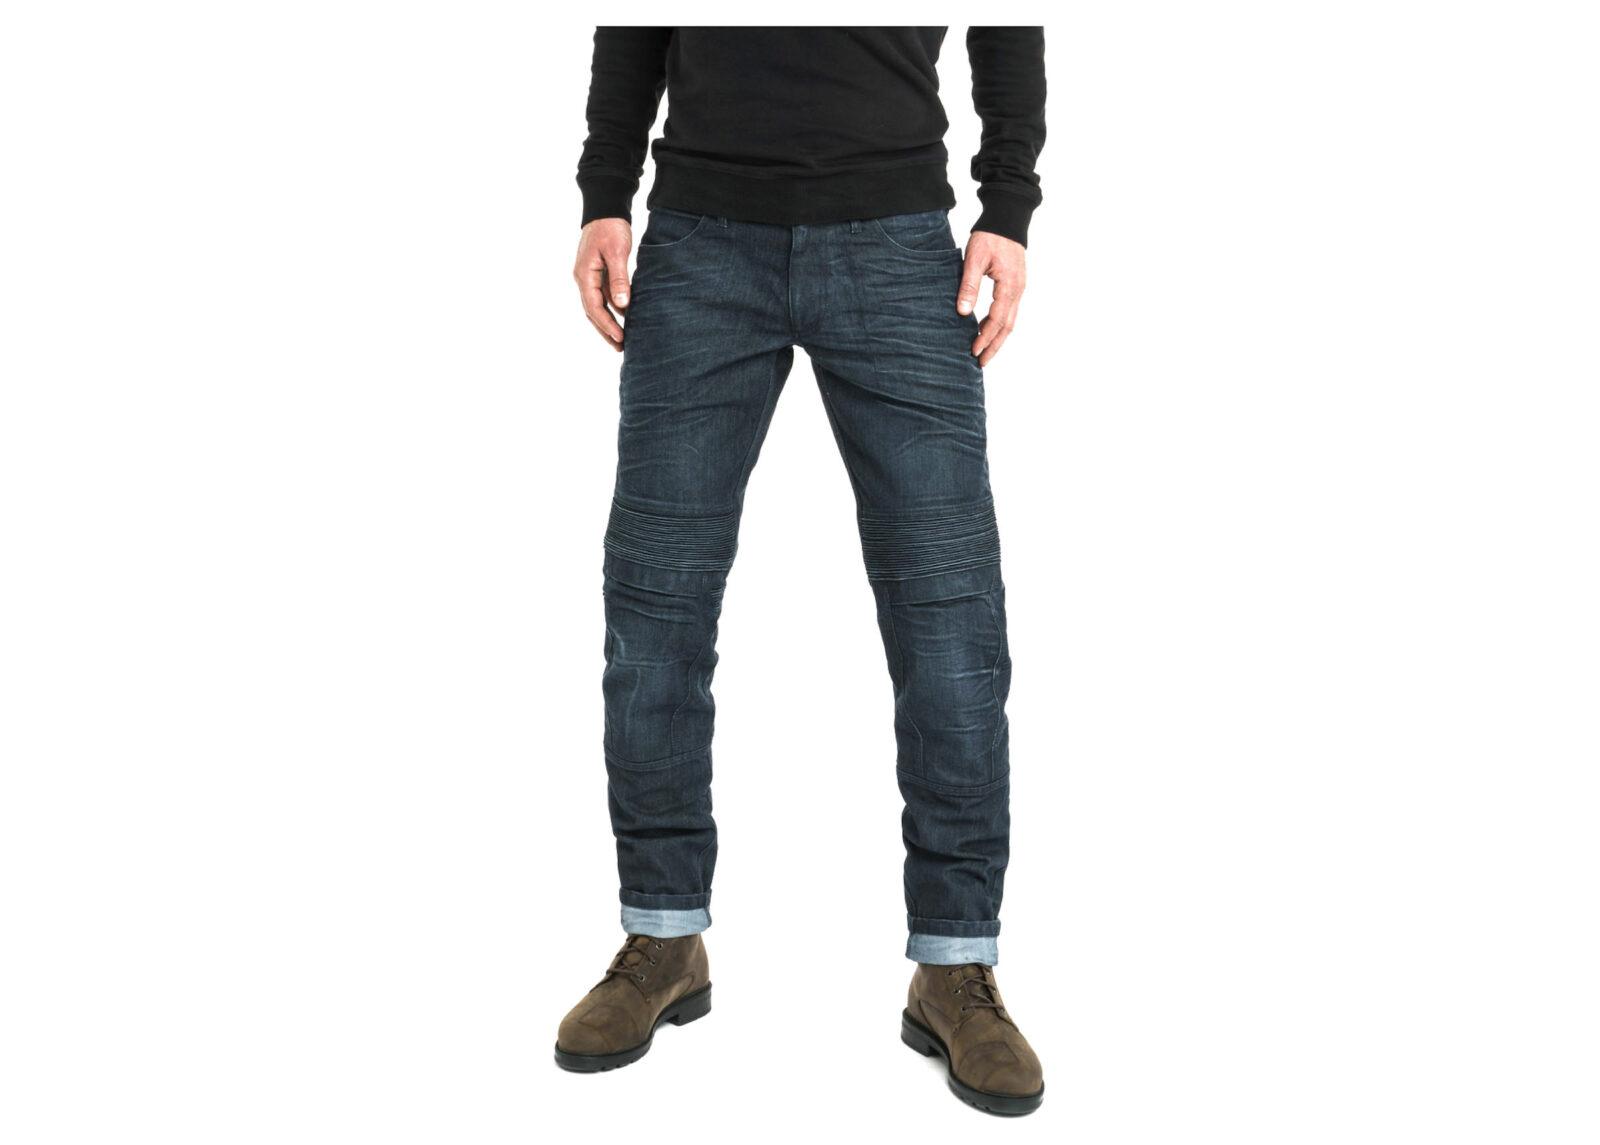 Pando Moto Karl Navy Motorcycle Jeans